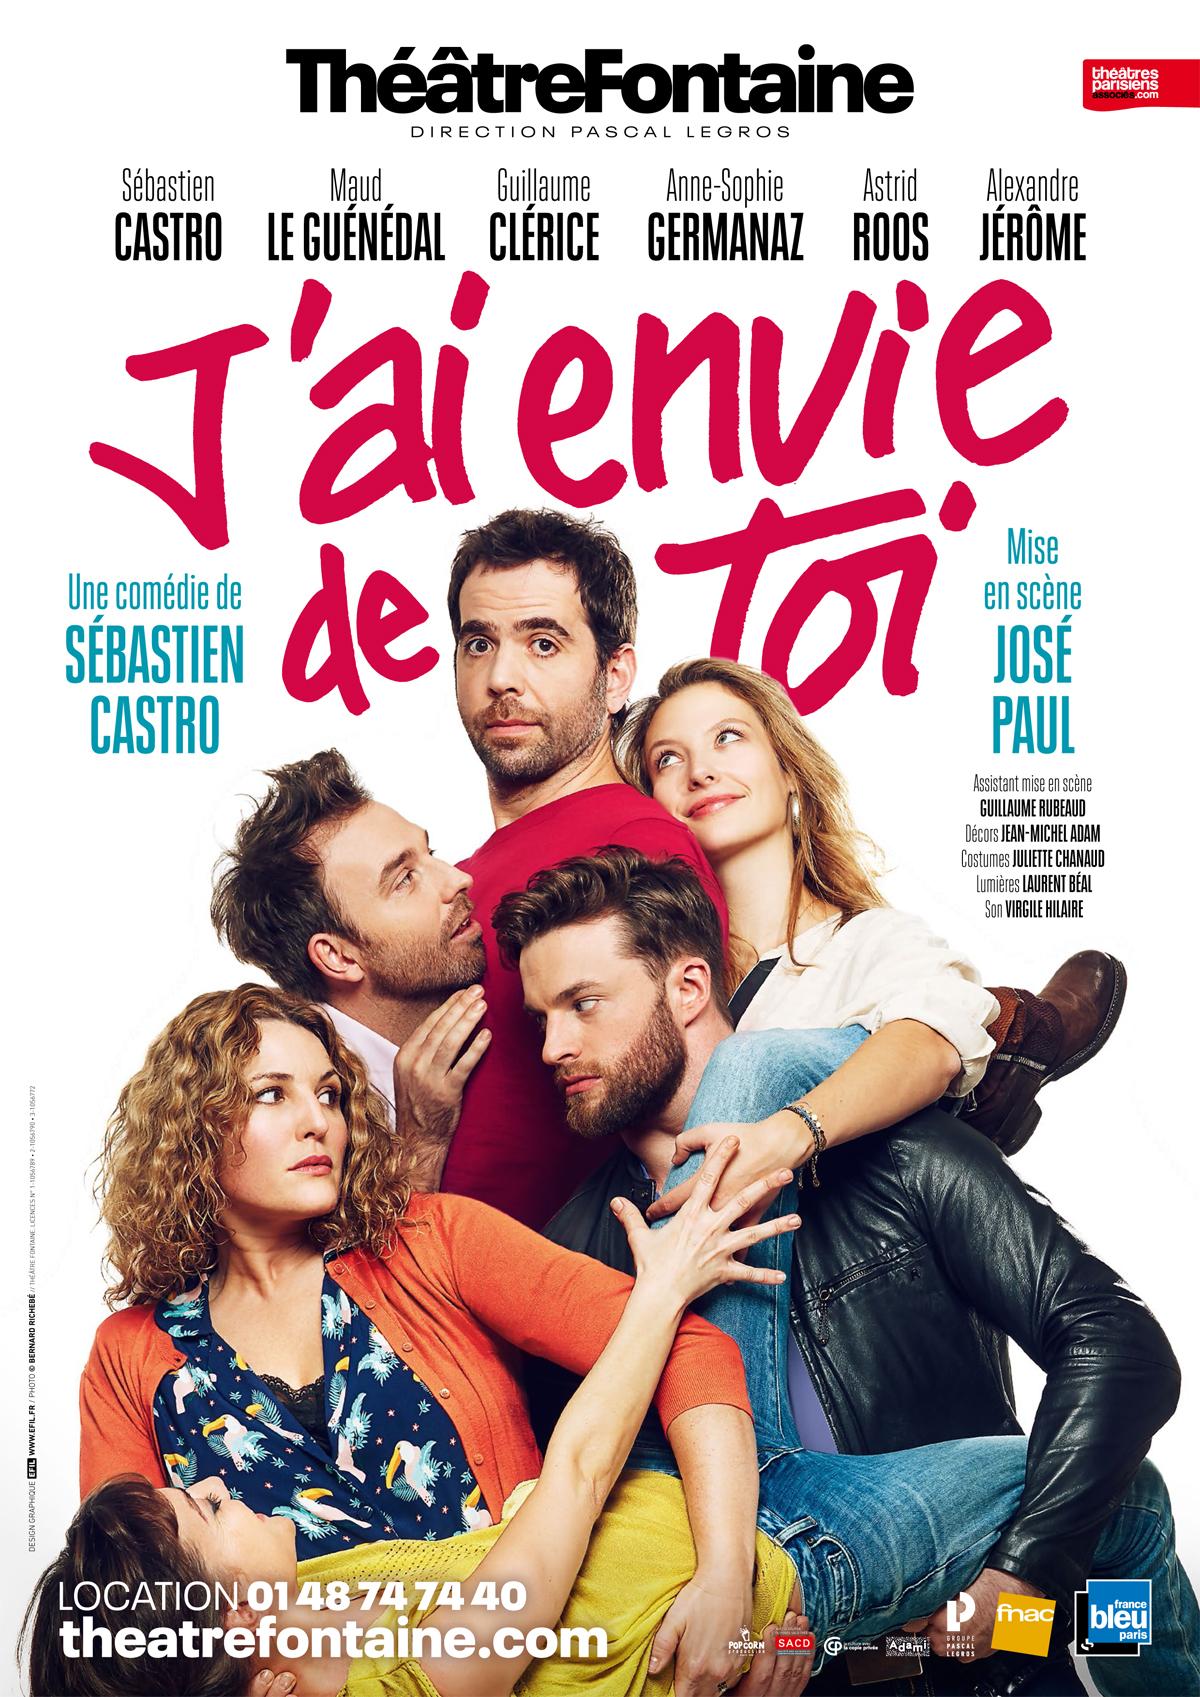 J'ai envie de toi - Théâtre Fontaine